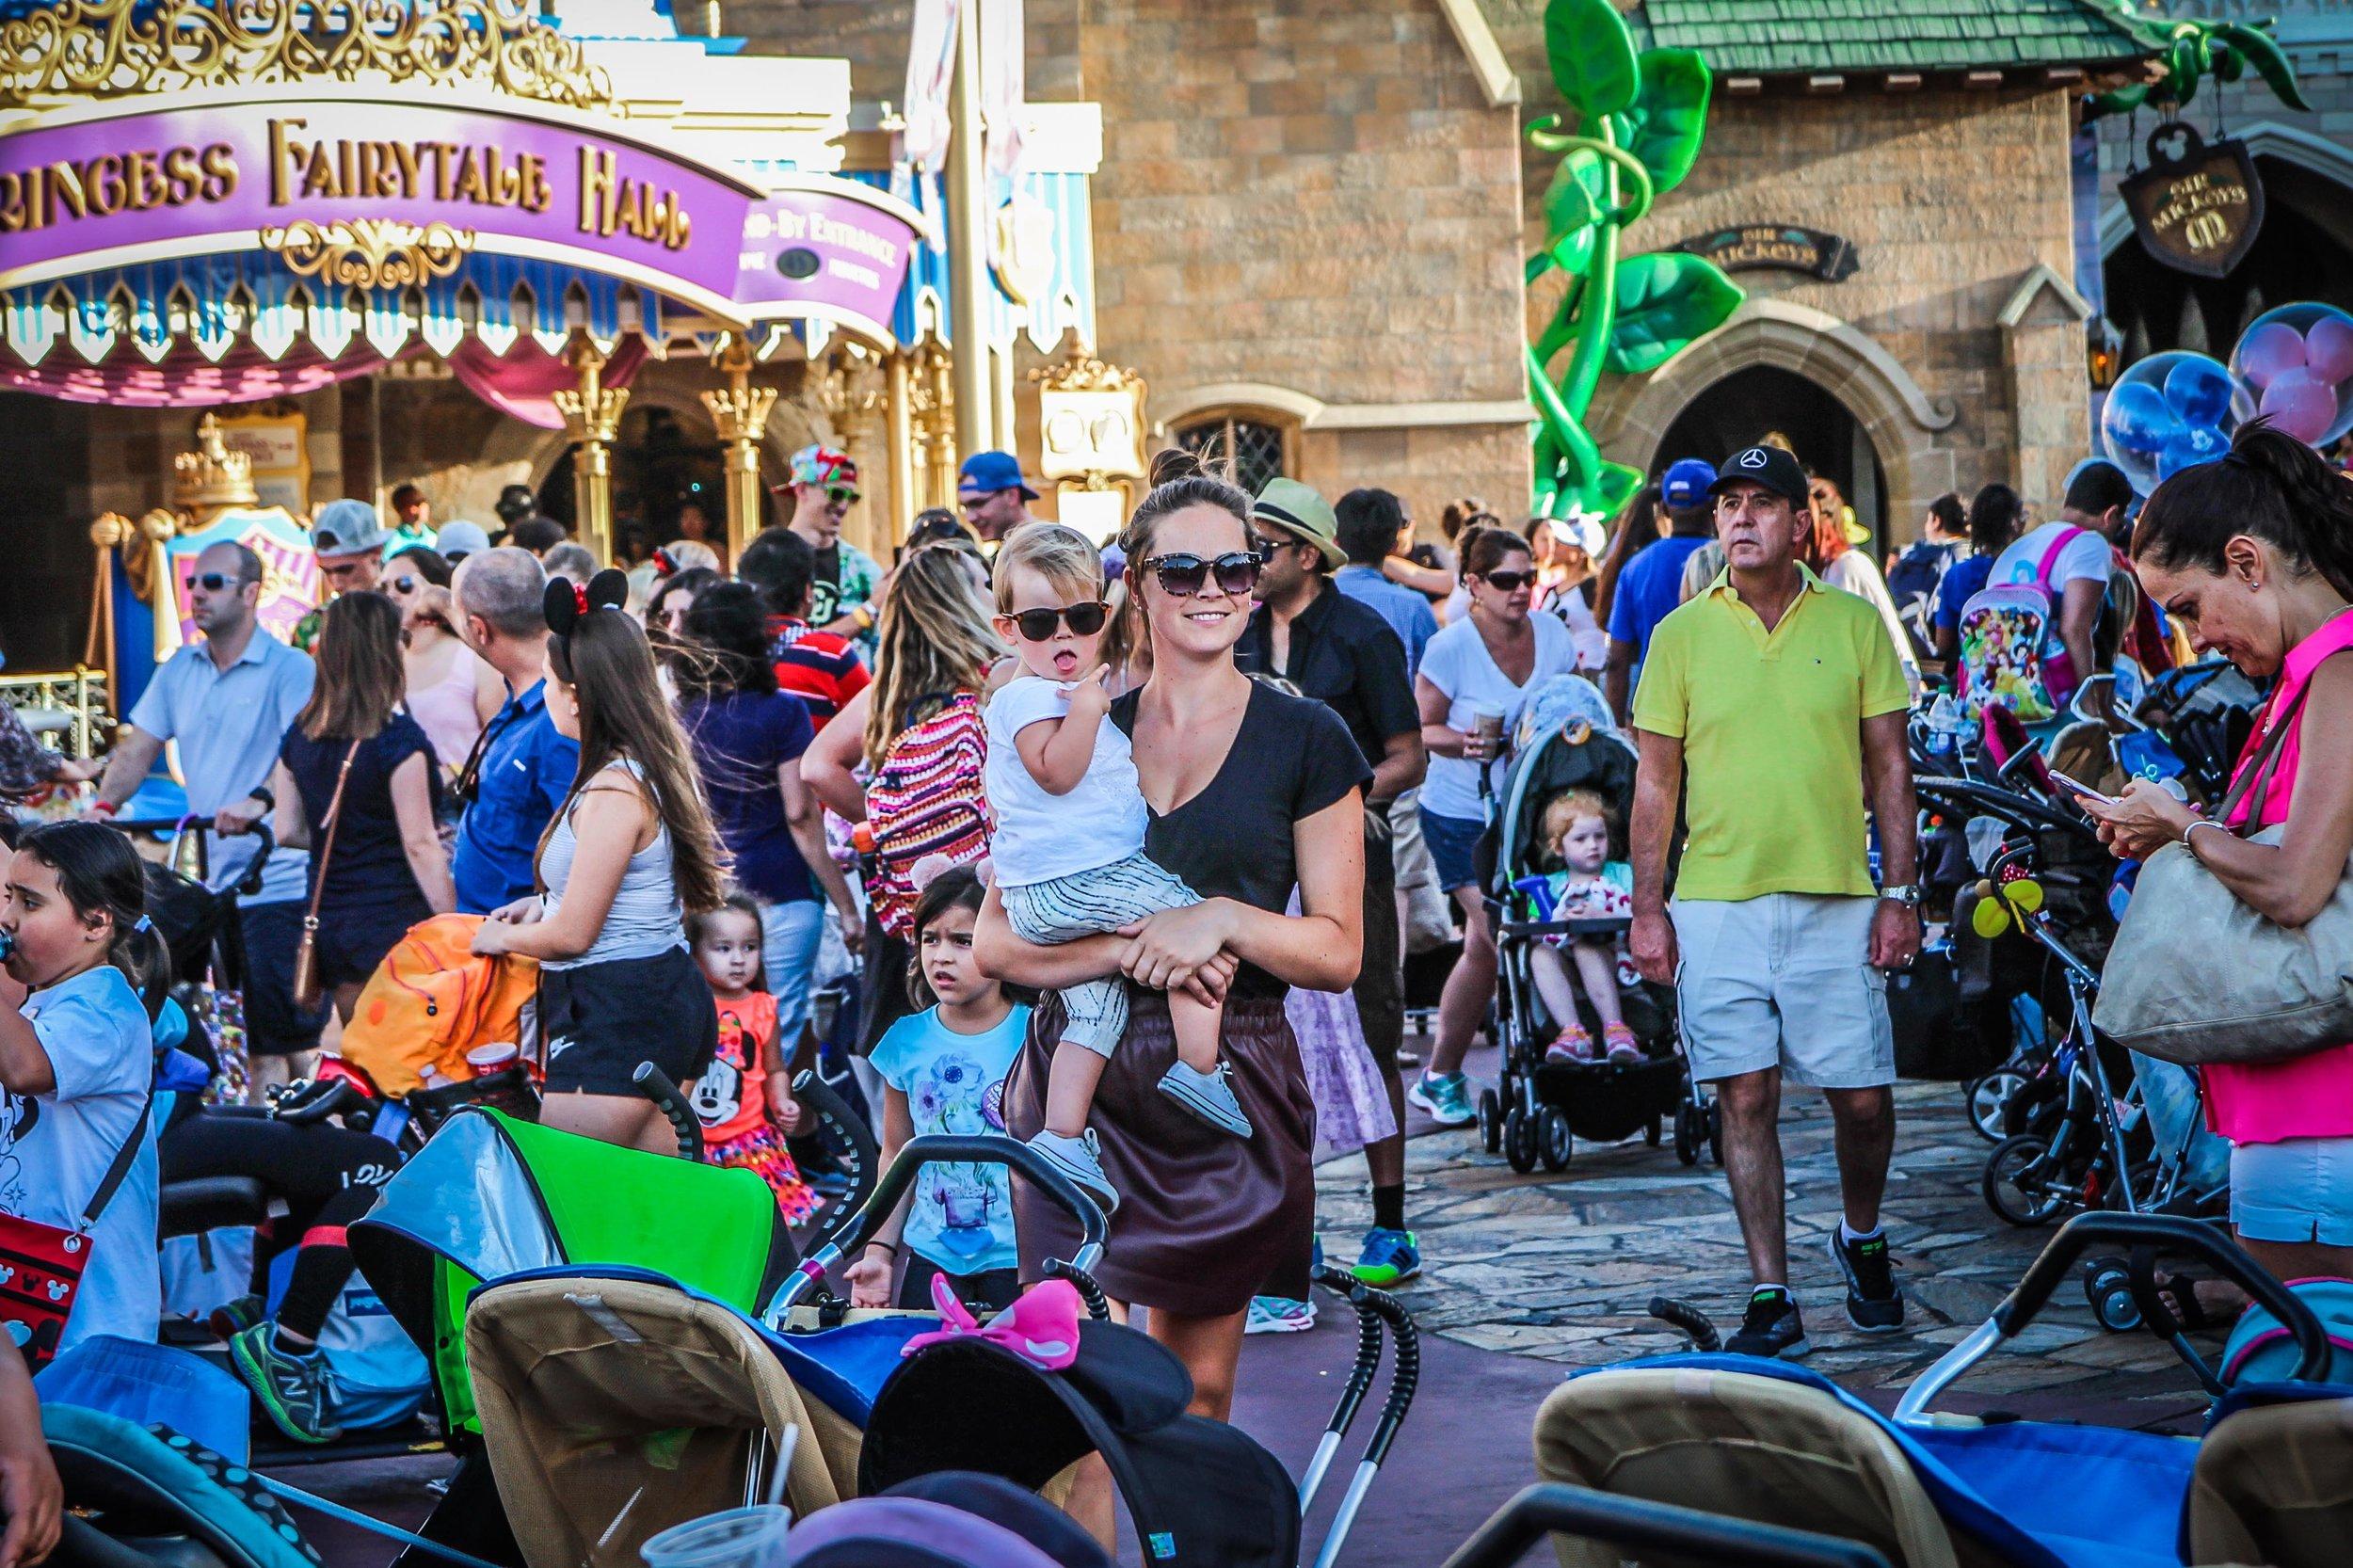 Disney_magical_kingdom_orlando_reizen_met_kinderen-50.jpg